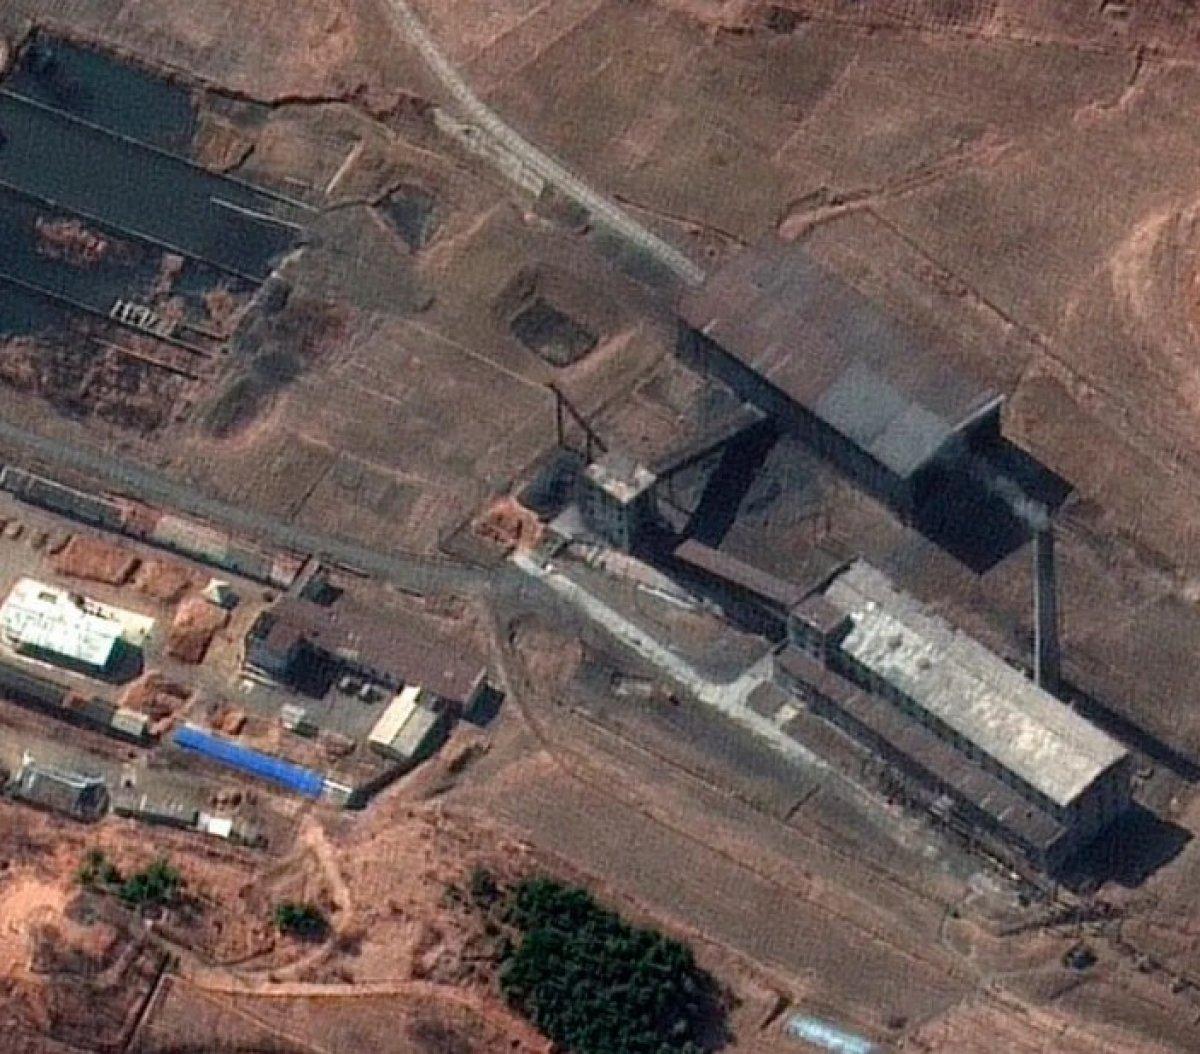 Uluslararası Atom Enerjisi Kurumu BM yi uyardı: Kuzey Kore nükleer faaliyetlere başladı #2